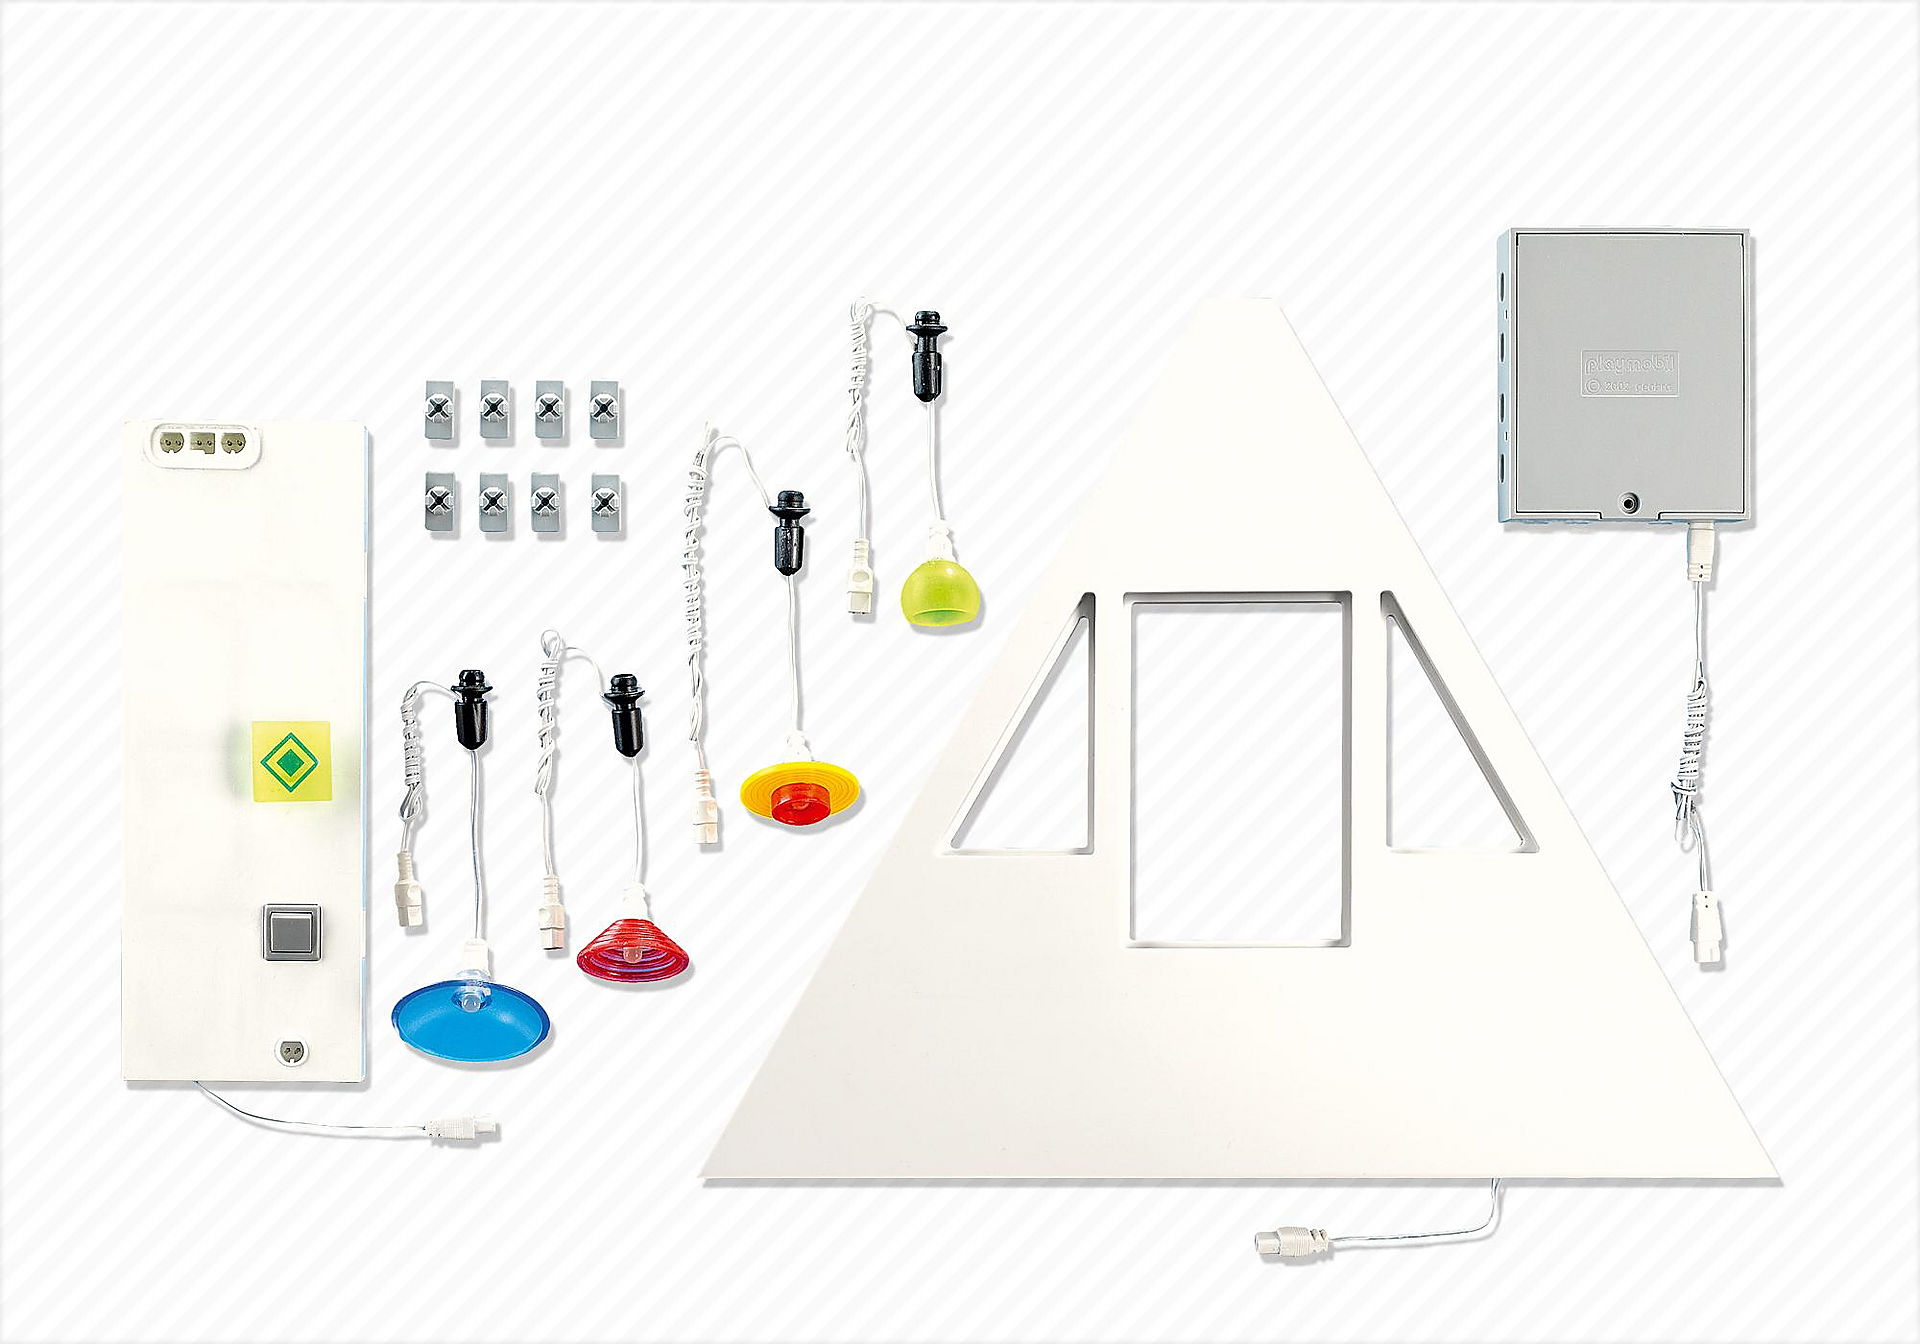 7390 Neues Wohnhaus, Beleuchtungs-Grundset zoom image1